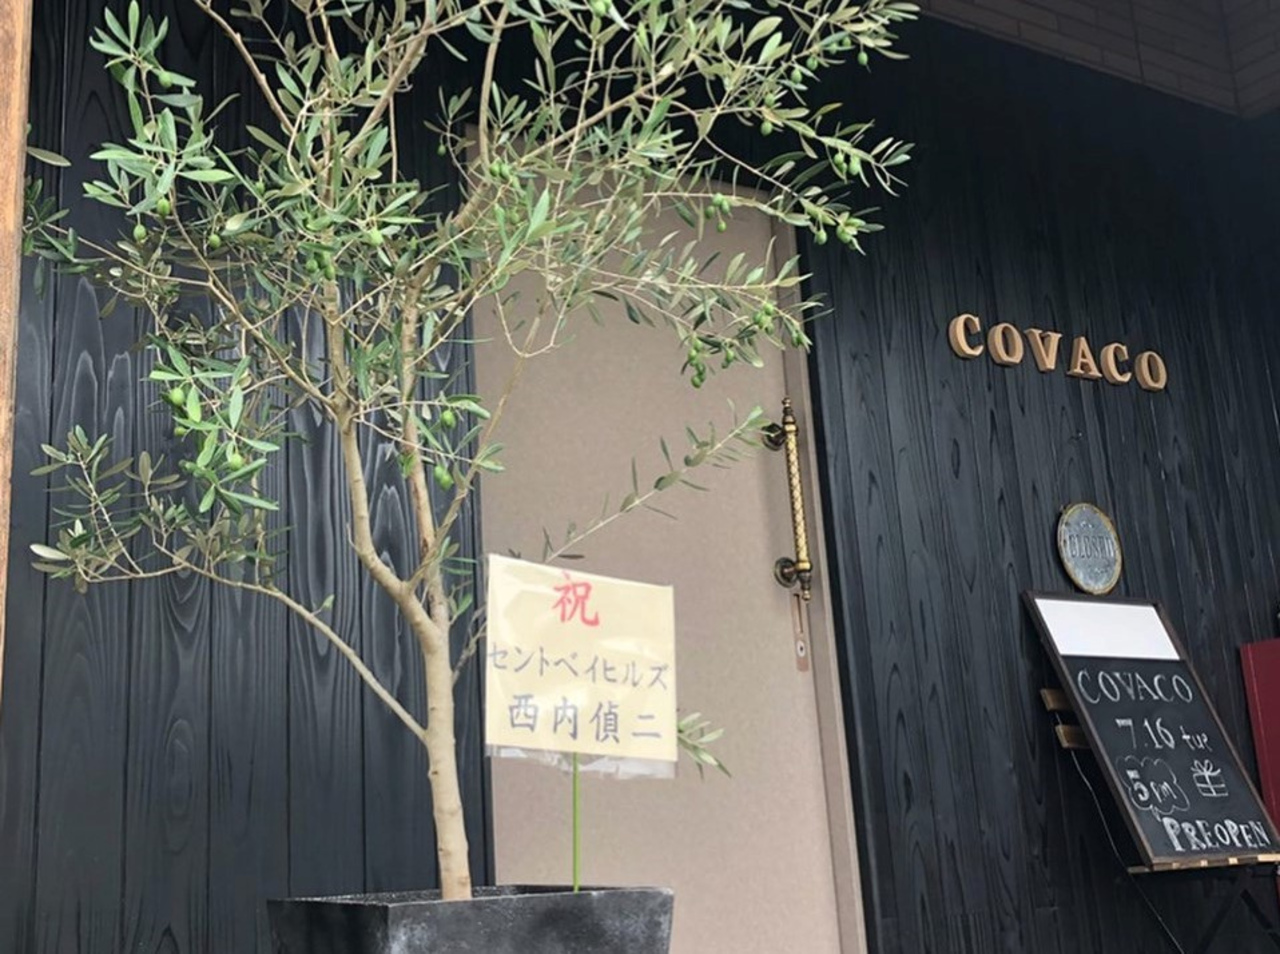 香川県高松市松縄町にダイニング「コバコ」が本日プレオープンのようです。